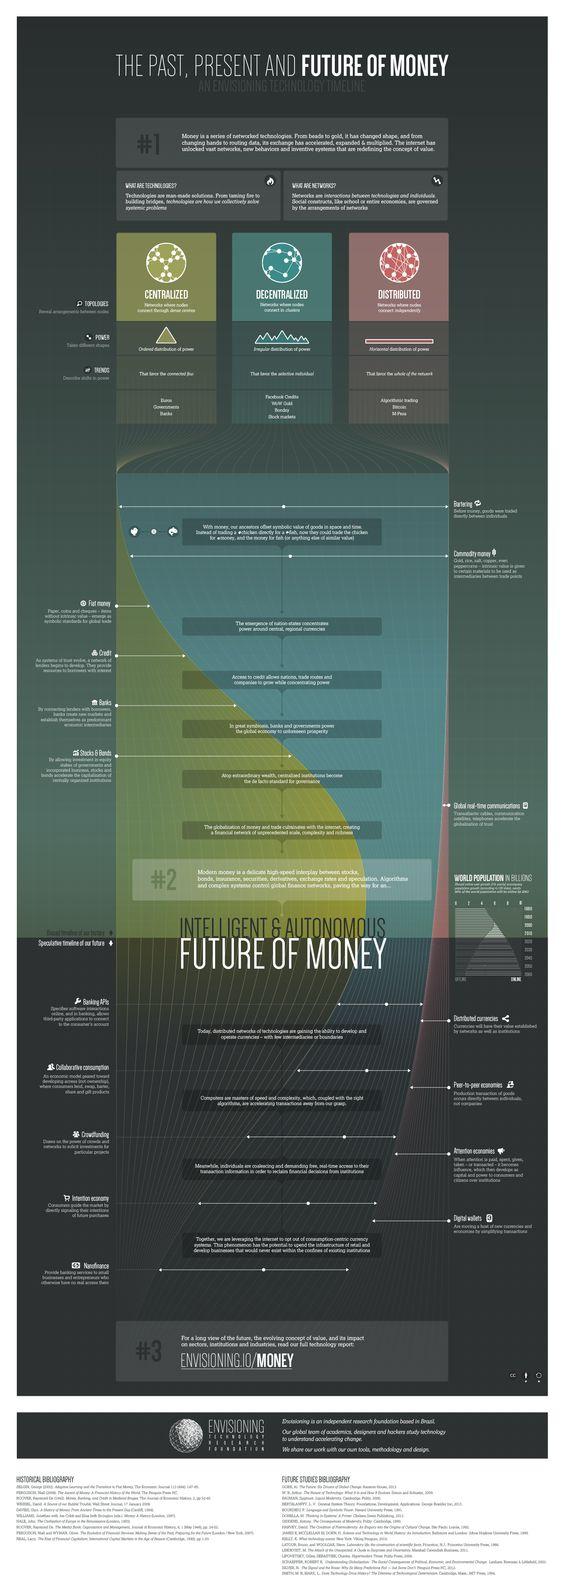 El pasado - presente y futuro del dinero #infografia #infographic